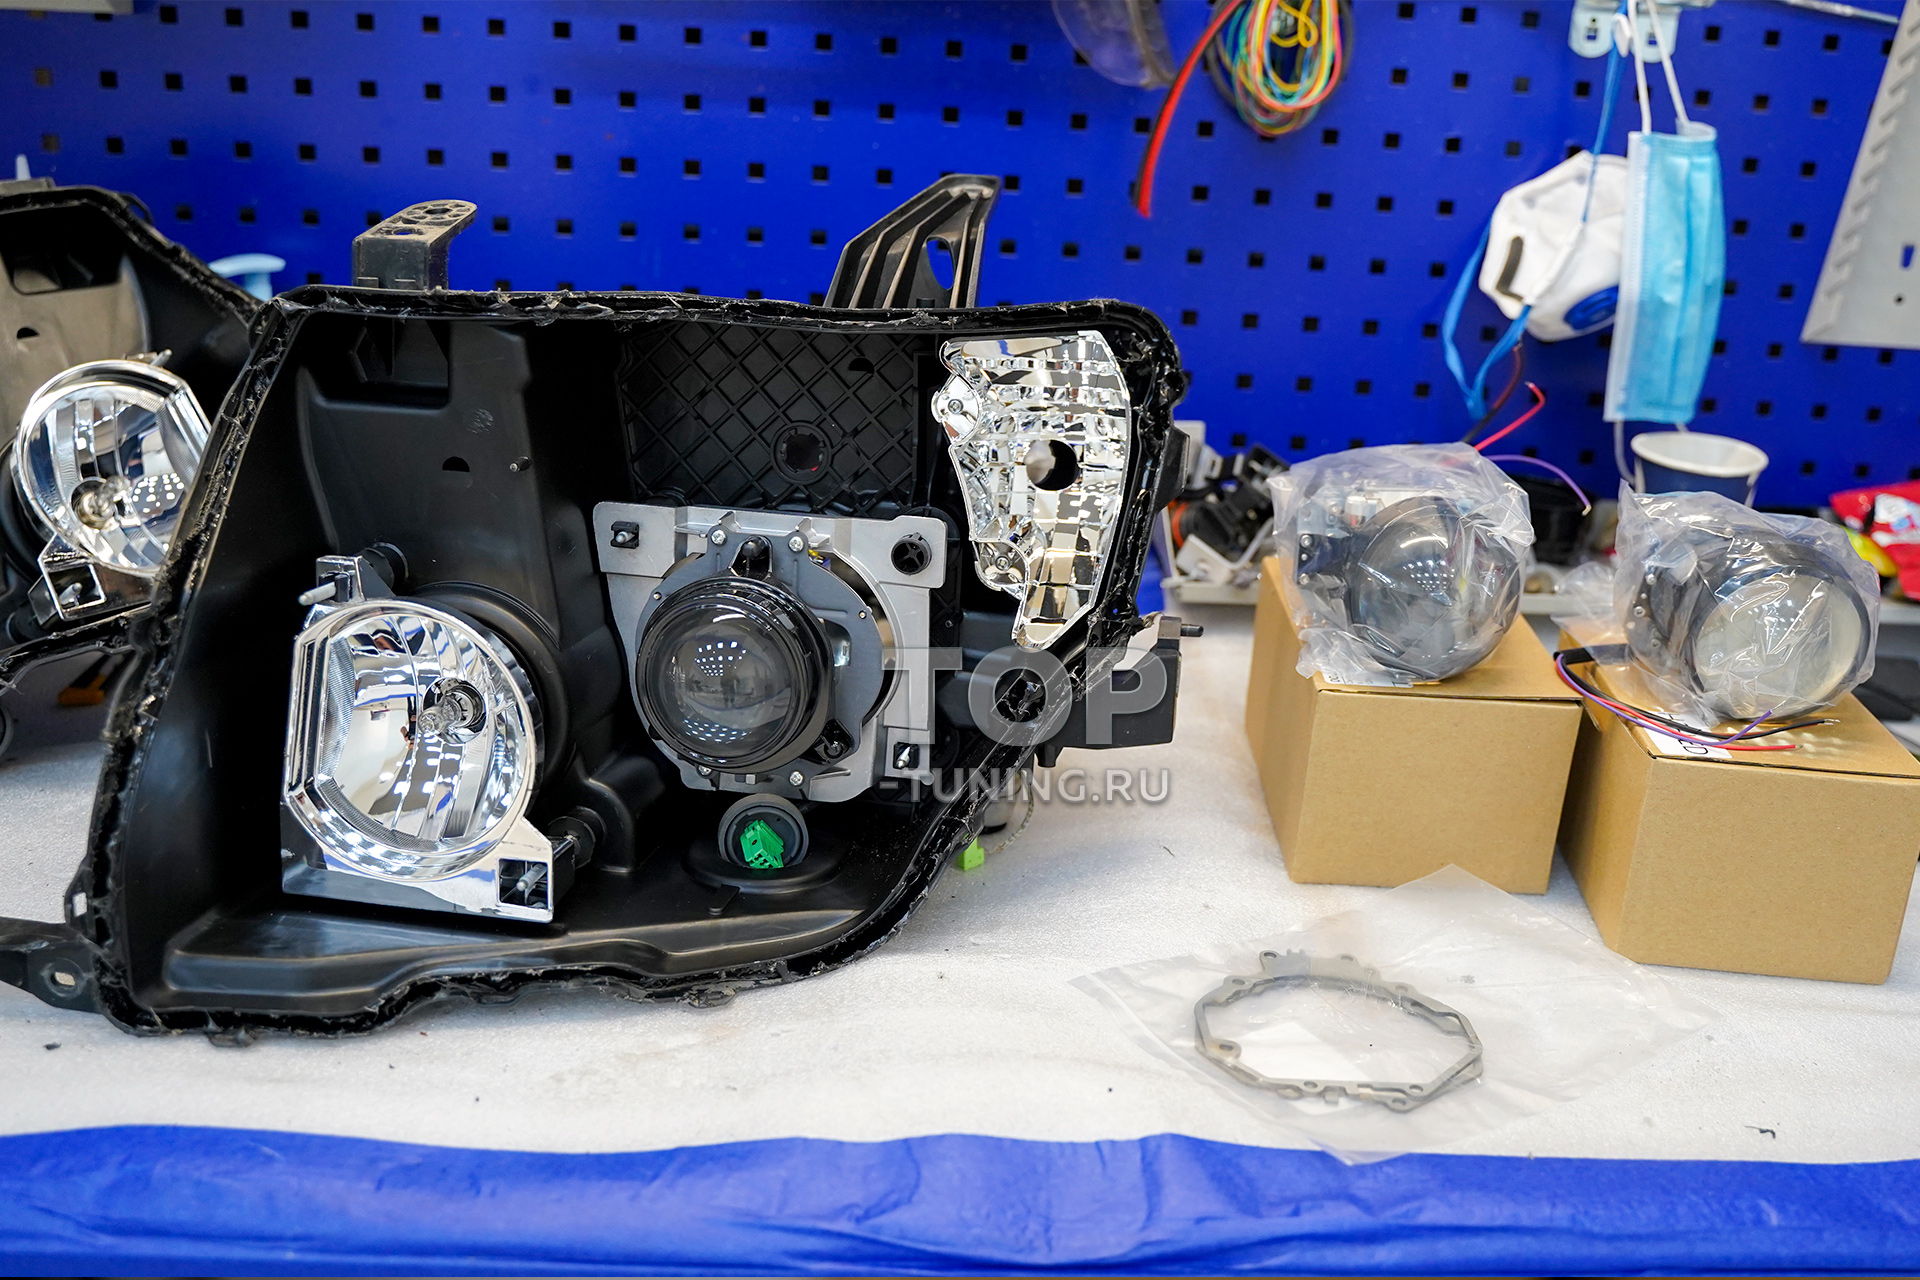 103813 Тюнинг оптики Mitsubishi Pajero 4 (LED вместо ксенона)